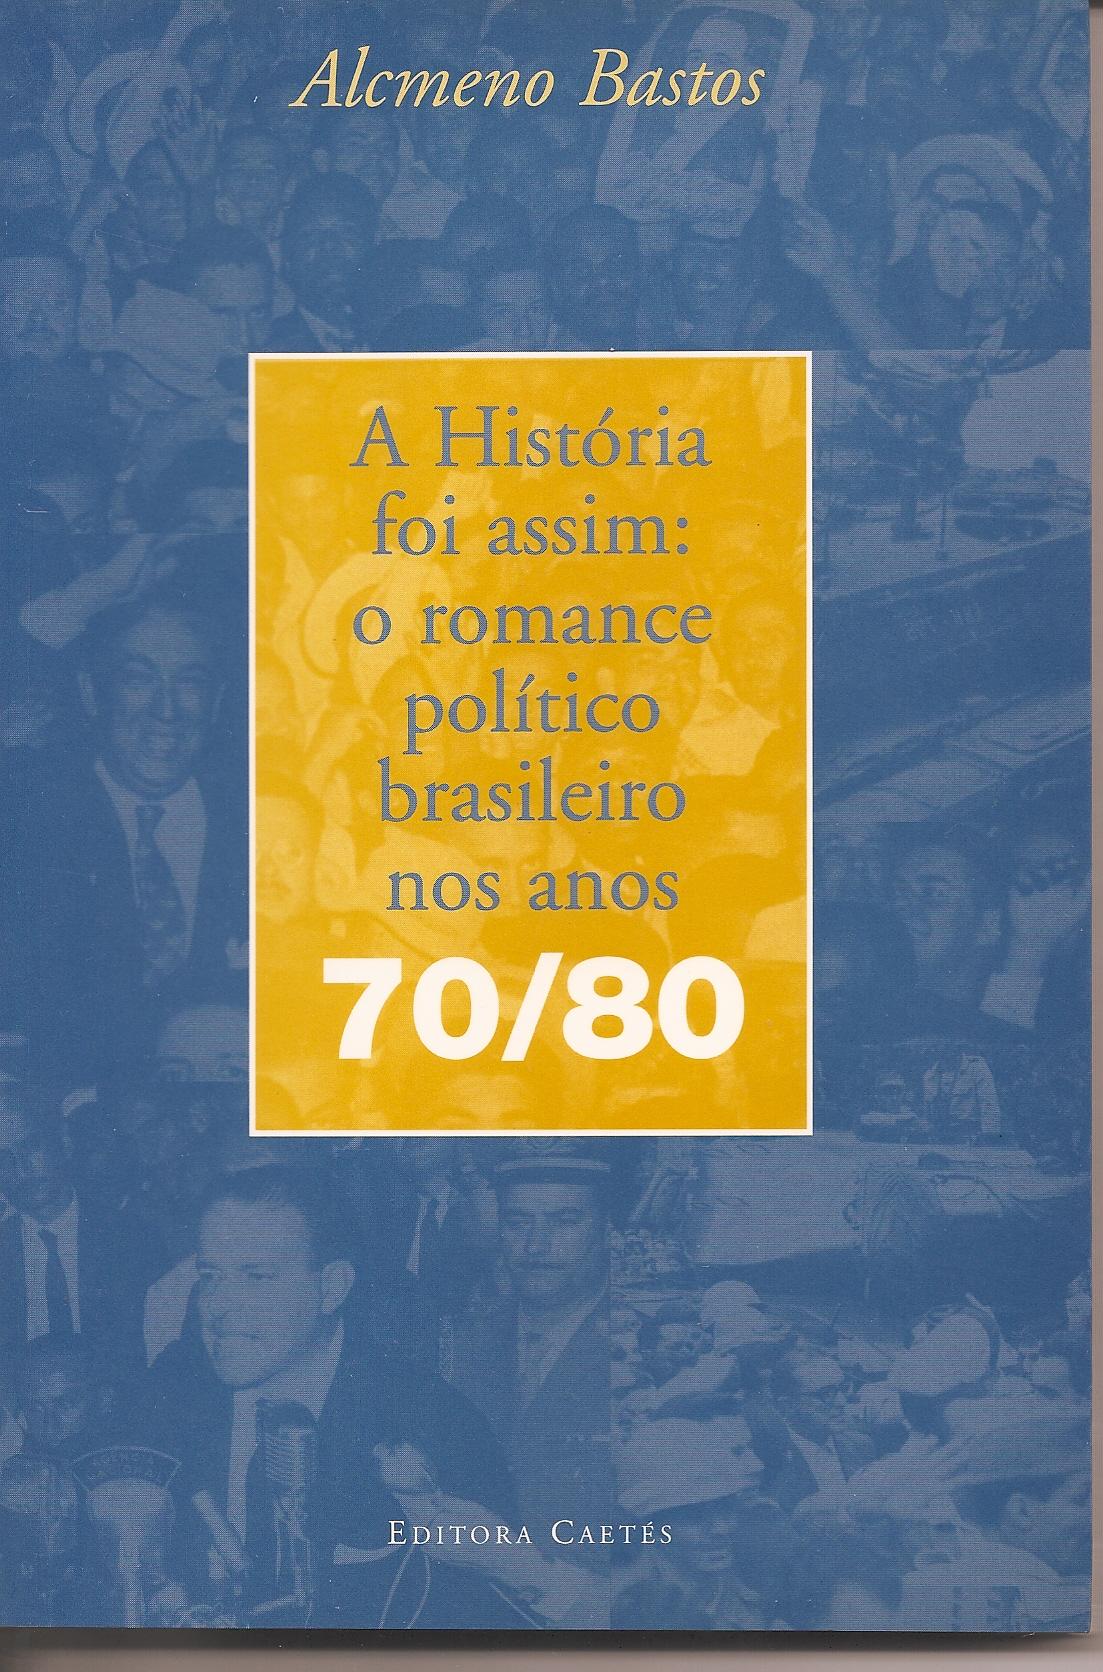 A História foi assim: o romance político brasileiro nos anos 70/80